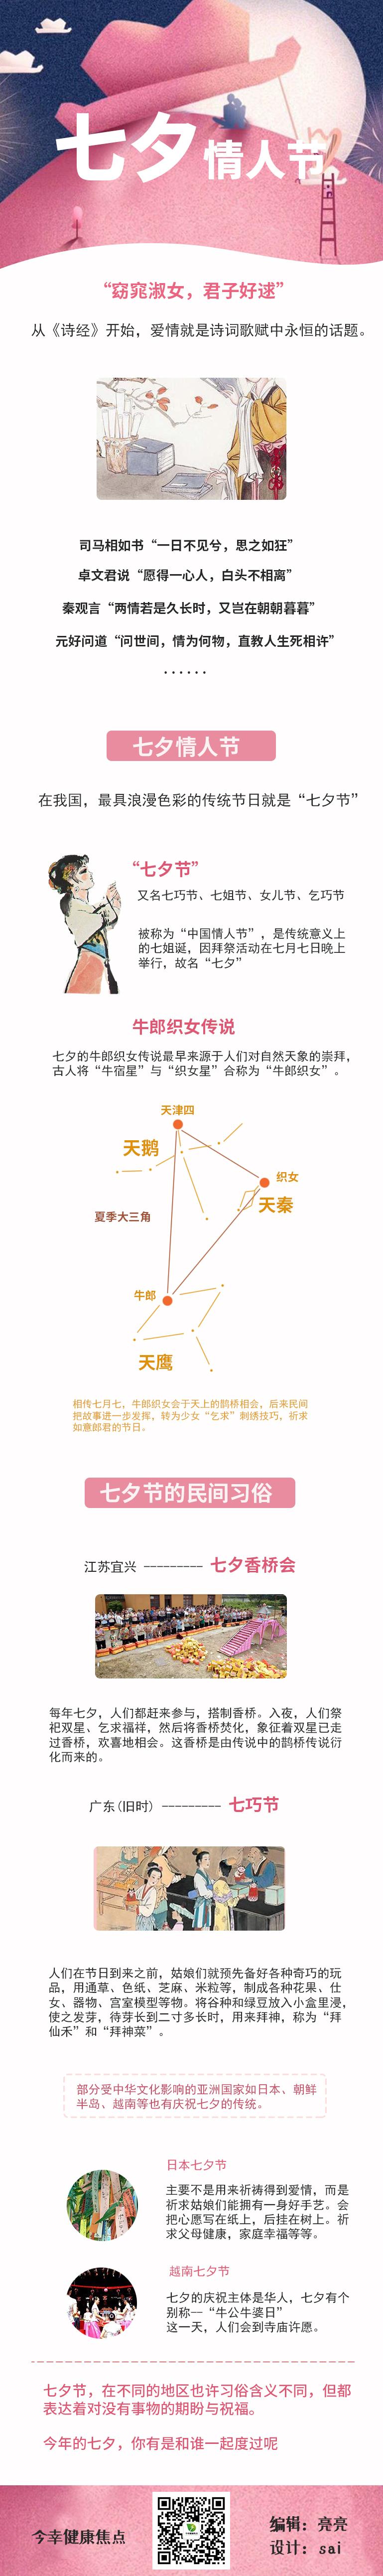 七夕情人节,神话故事中的浪漫